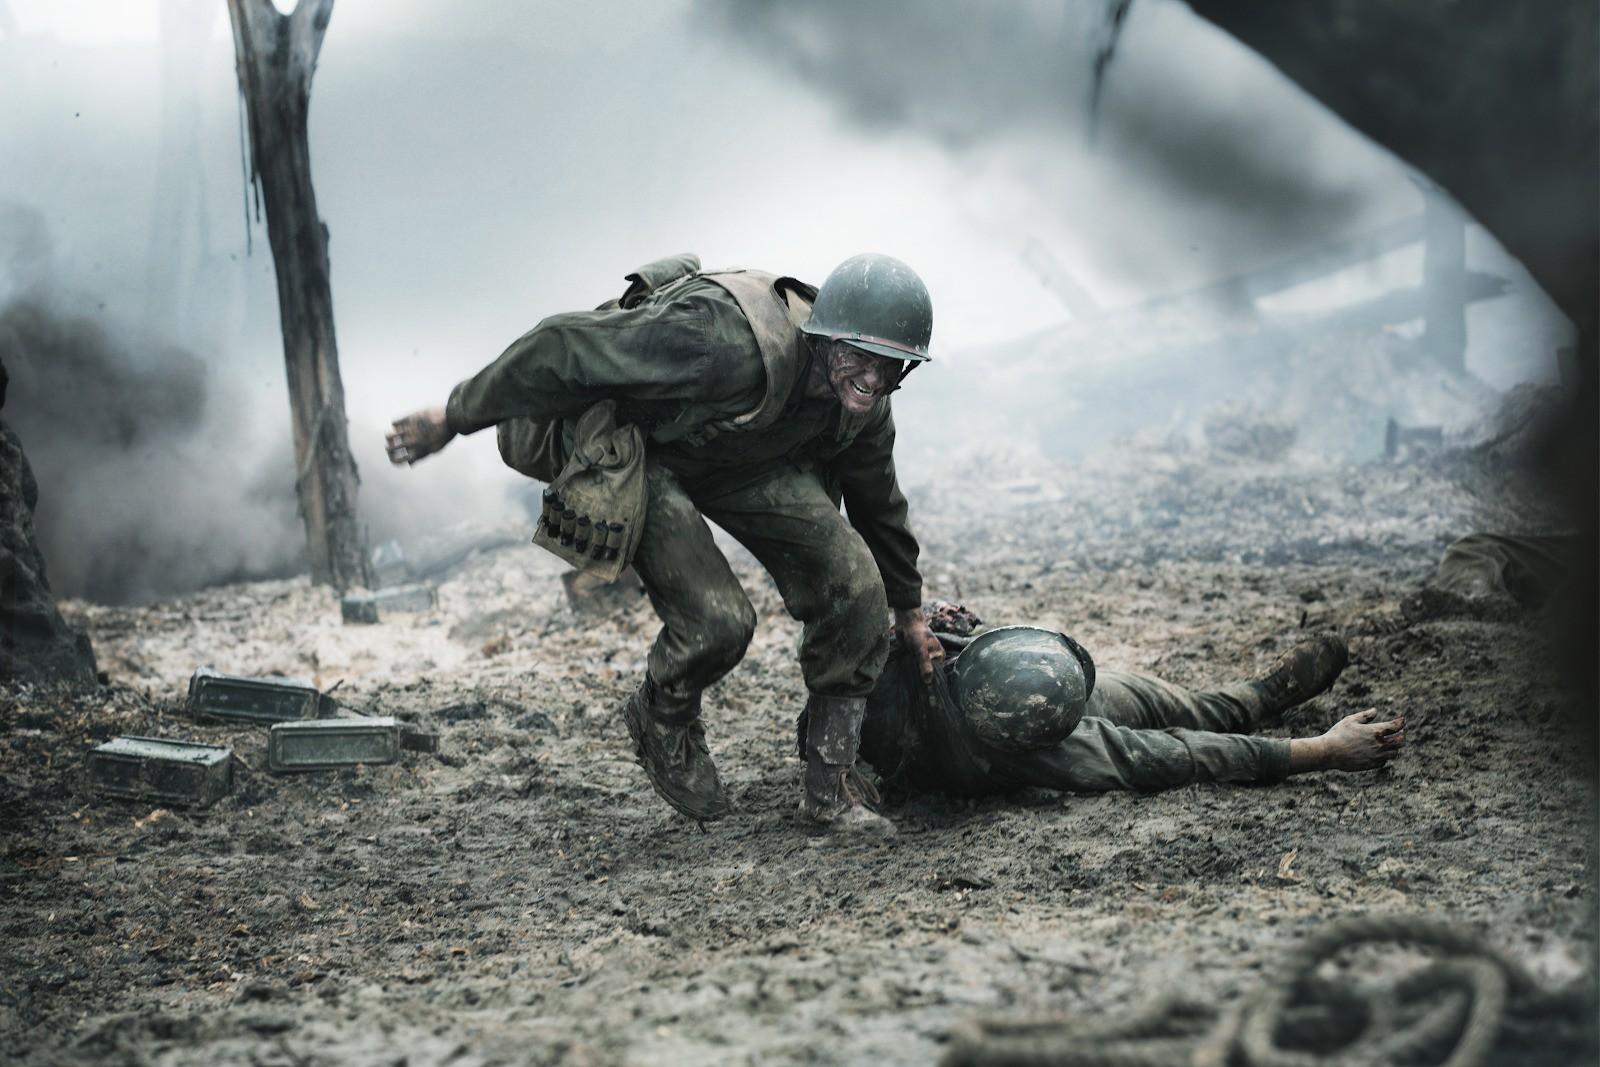 Desmony Doss: Người anh hùng ra chiến trường nhất định không cầm súng, để rồi được nhận huân chương cao quý nhất của quân đội Mỹ - Ảnh 7.